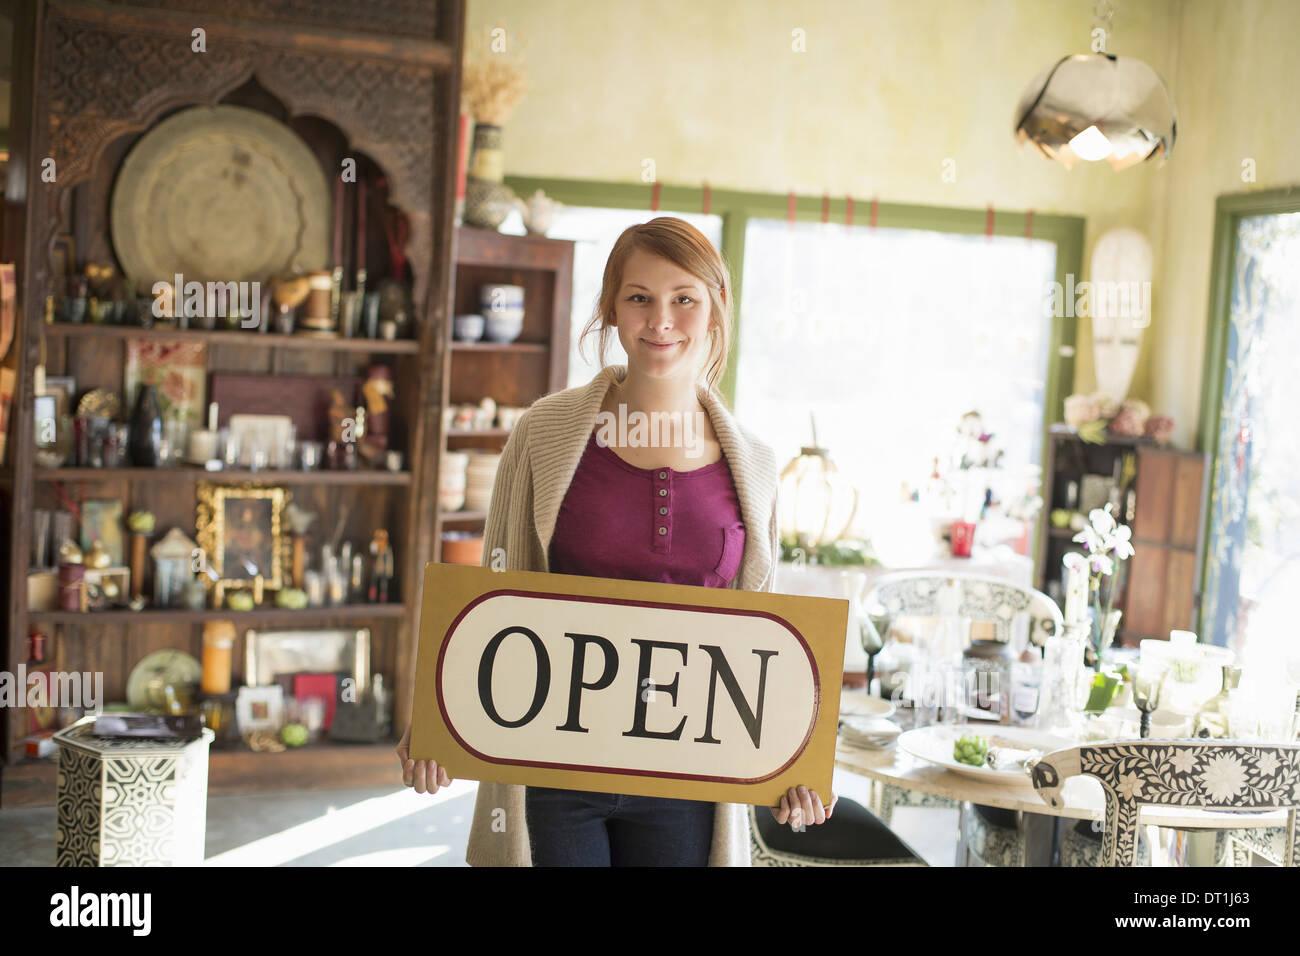 Une femme debout dans un magasin d'antiquités brandissait une inscription affiche des marchandises tout autour d'elle Photo Stock